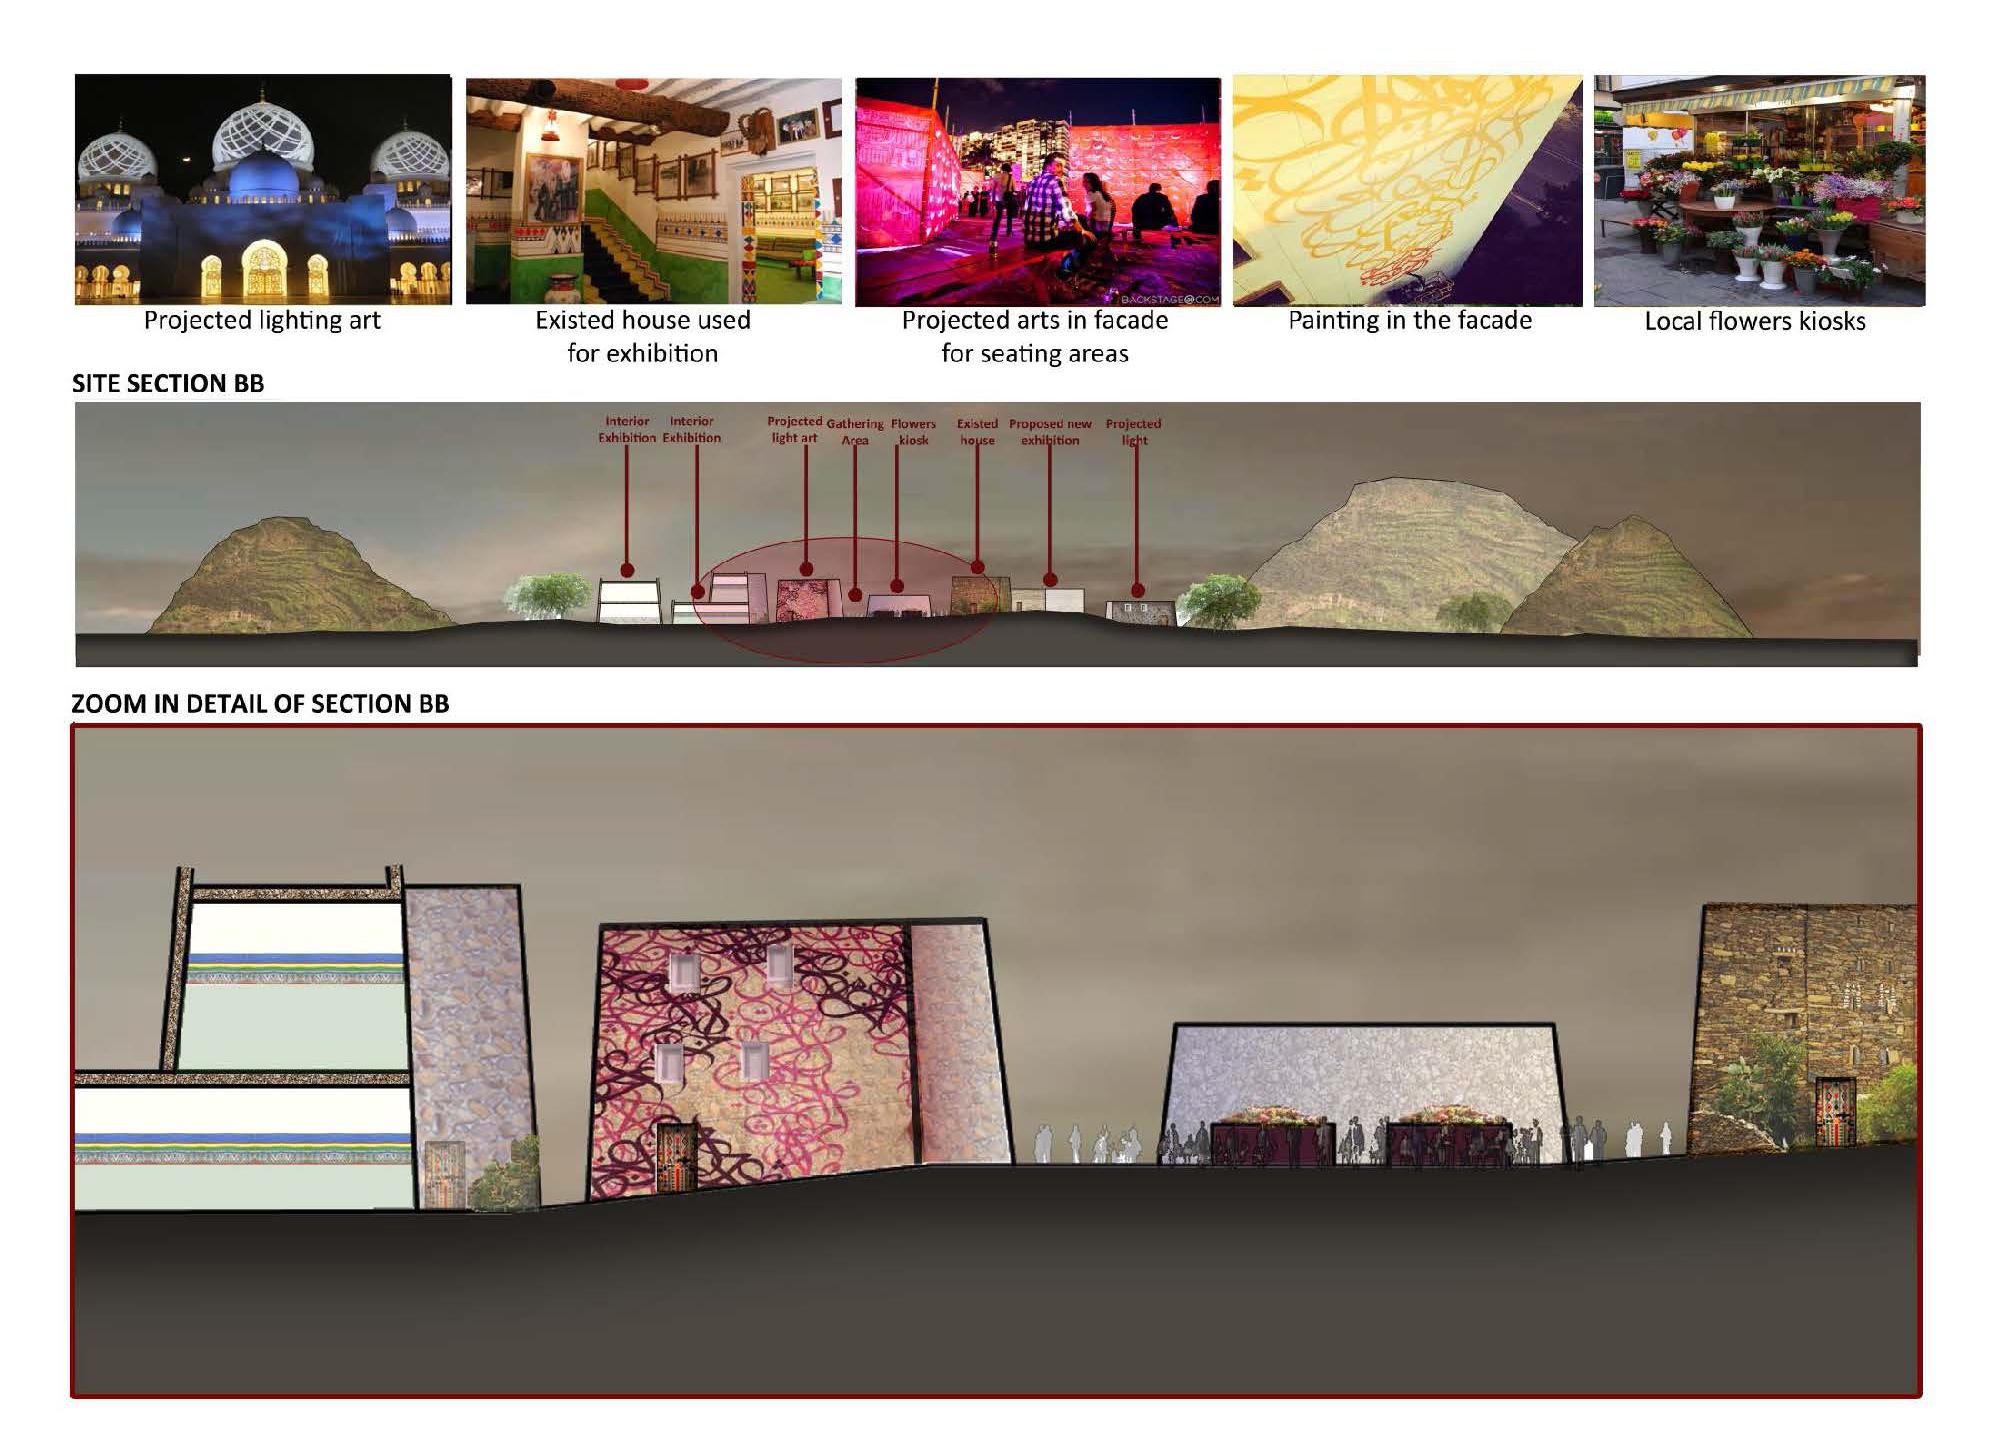 Final  Presentation.Huda Al-Jefri,Nedaa Al-Shaikhy, Sara Mohamed & Doaa Tarabzouni. ITCTAP. 8.1..2015_Page_73 copy 2.jpg